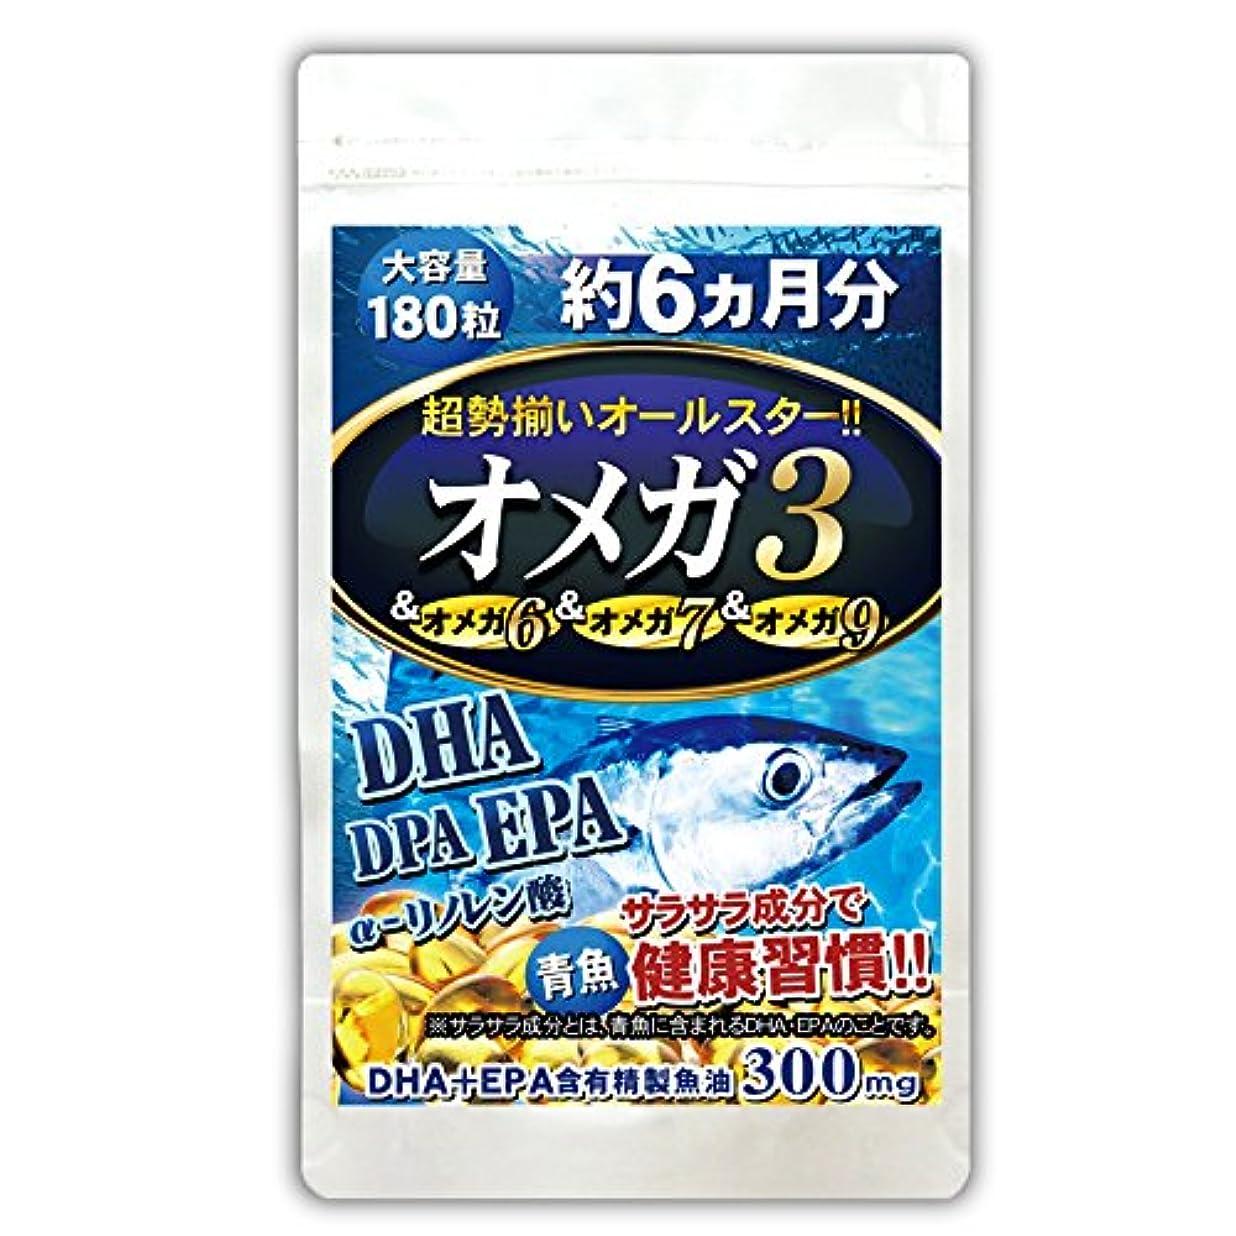 願うパッチセッティング(約6ヵ月分/180粒)DHA+EPA+DPA+α-リノレン酸の4種オメガ3をまとめて!超勢揃いオールスターオメガ